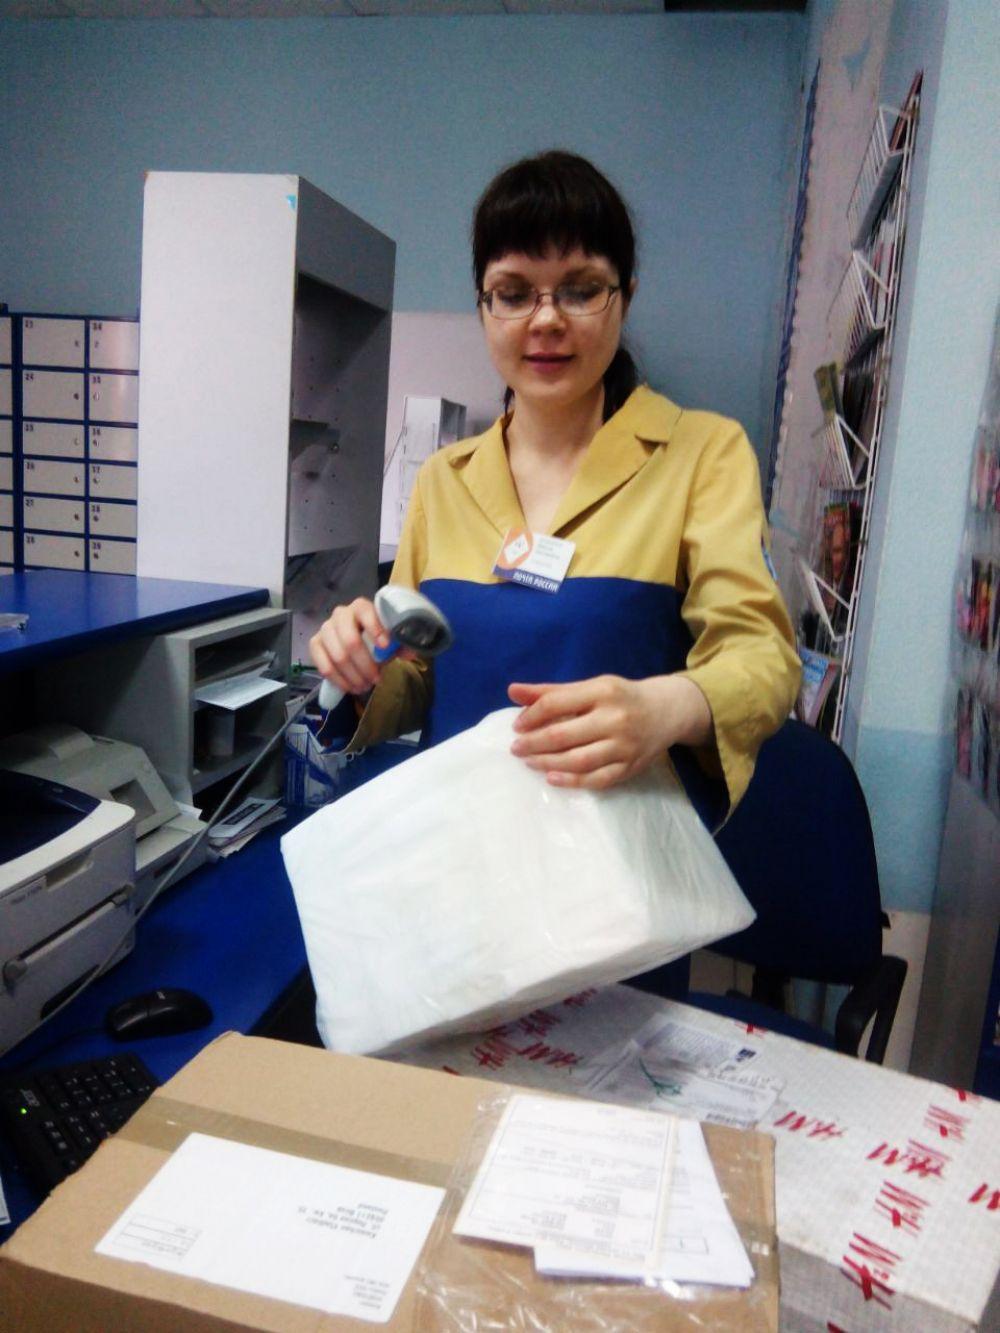 Зырянова Юлия Борисовна. Бийский почтамт. Лучший оператор СФО – 2017